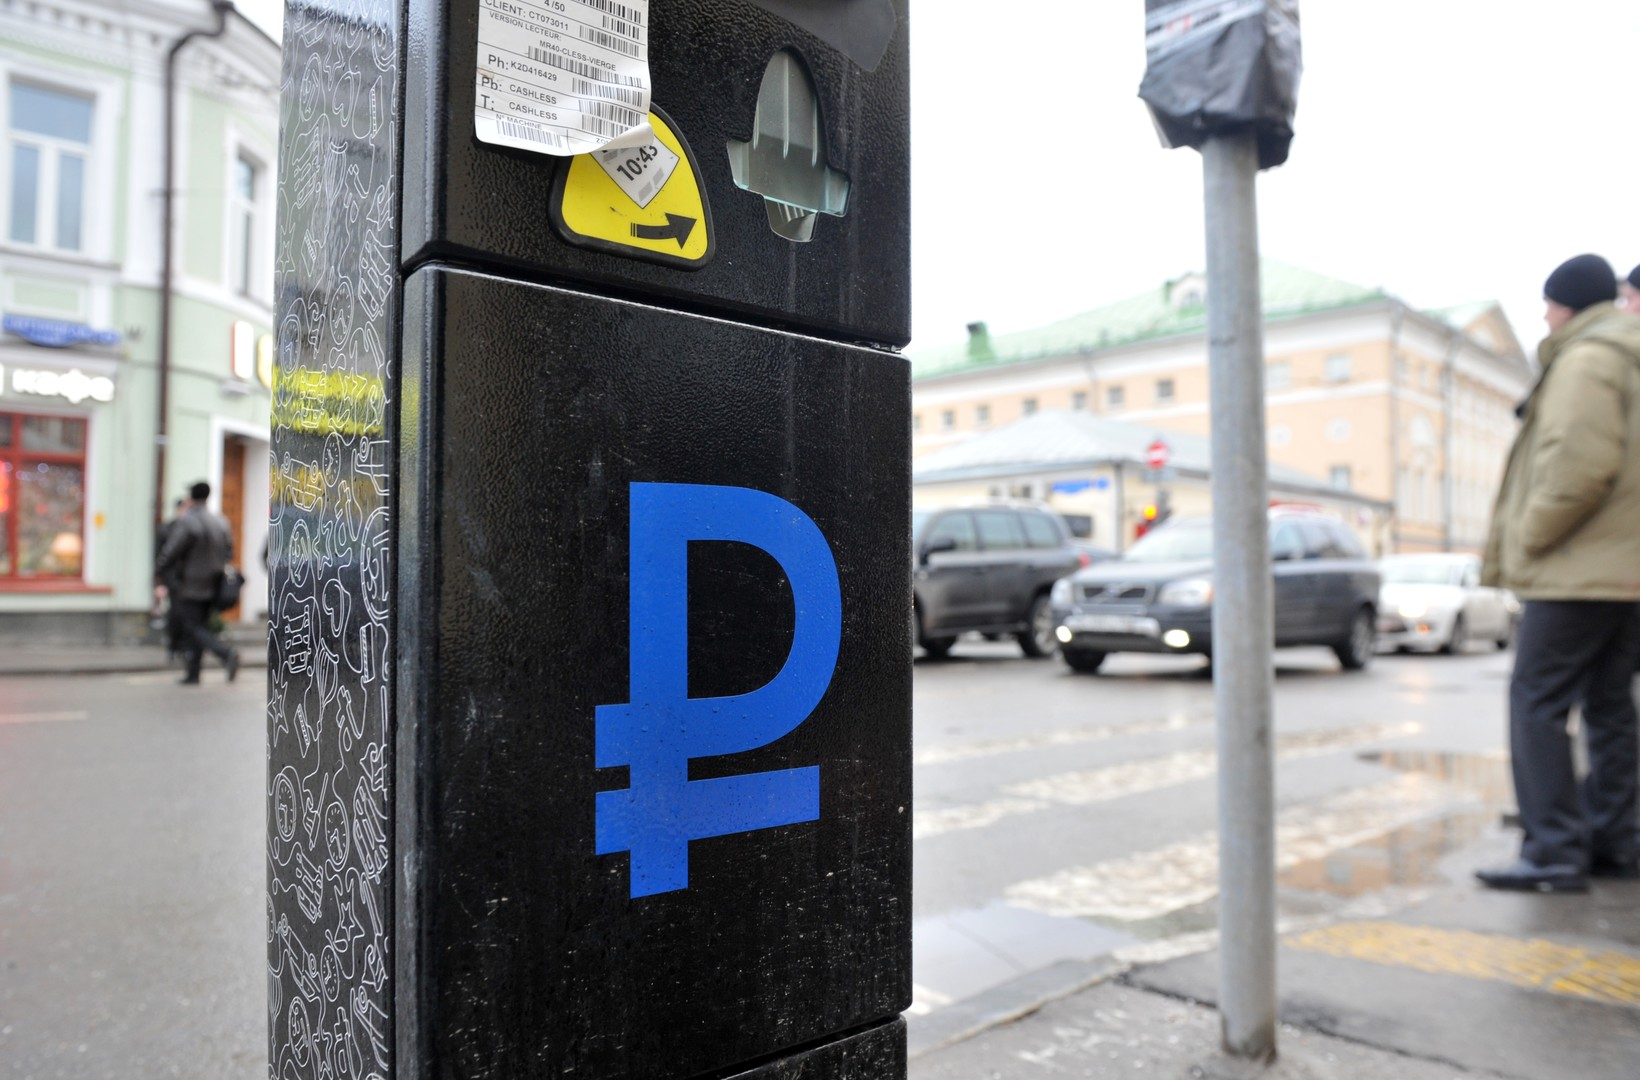 Окей, паркомат: в Москве начал работу сервис голосовой оплаты парковки